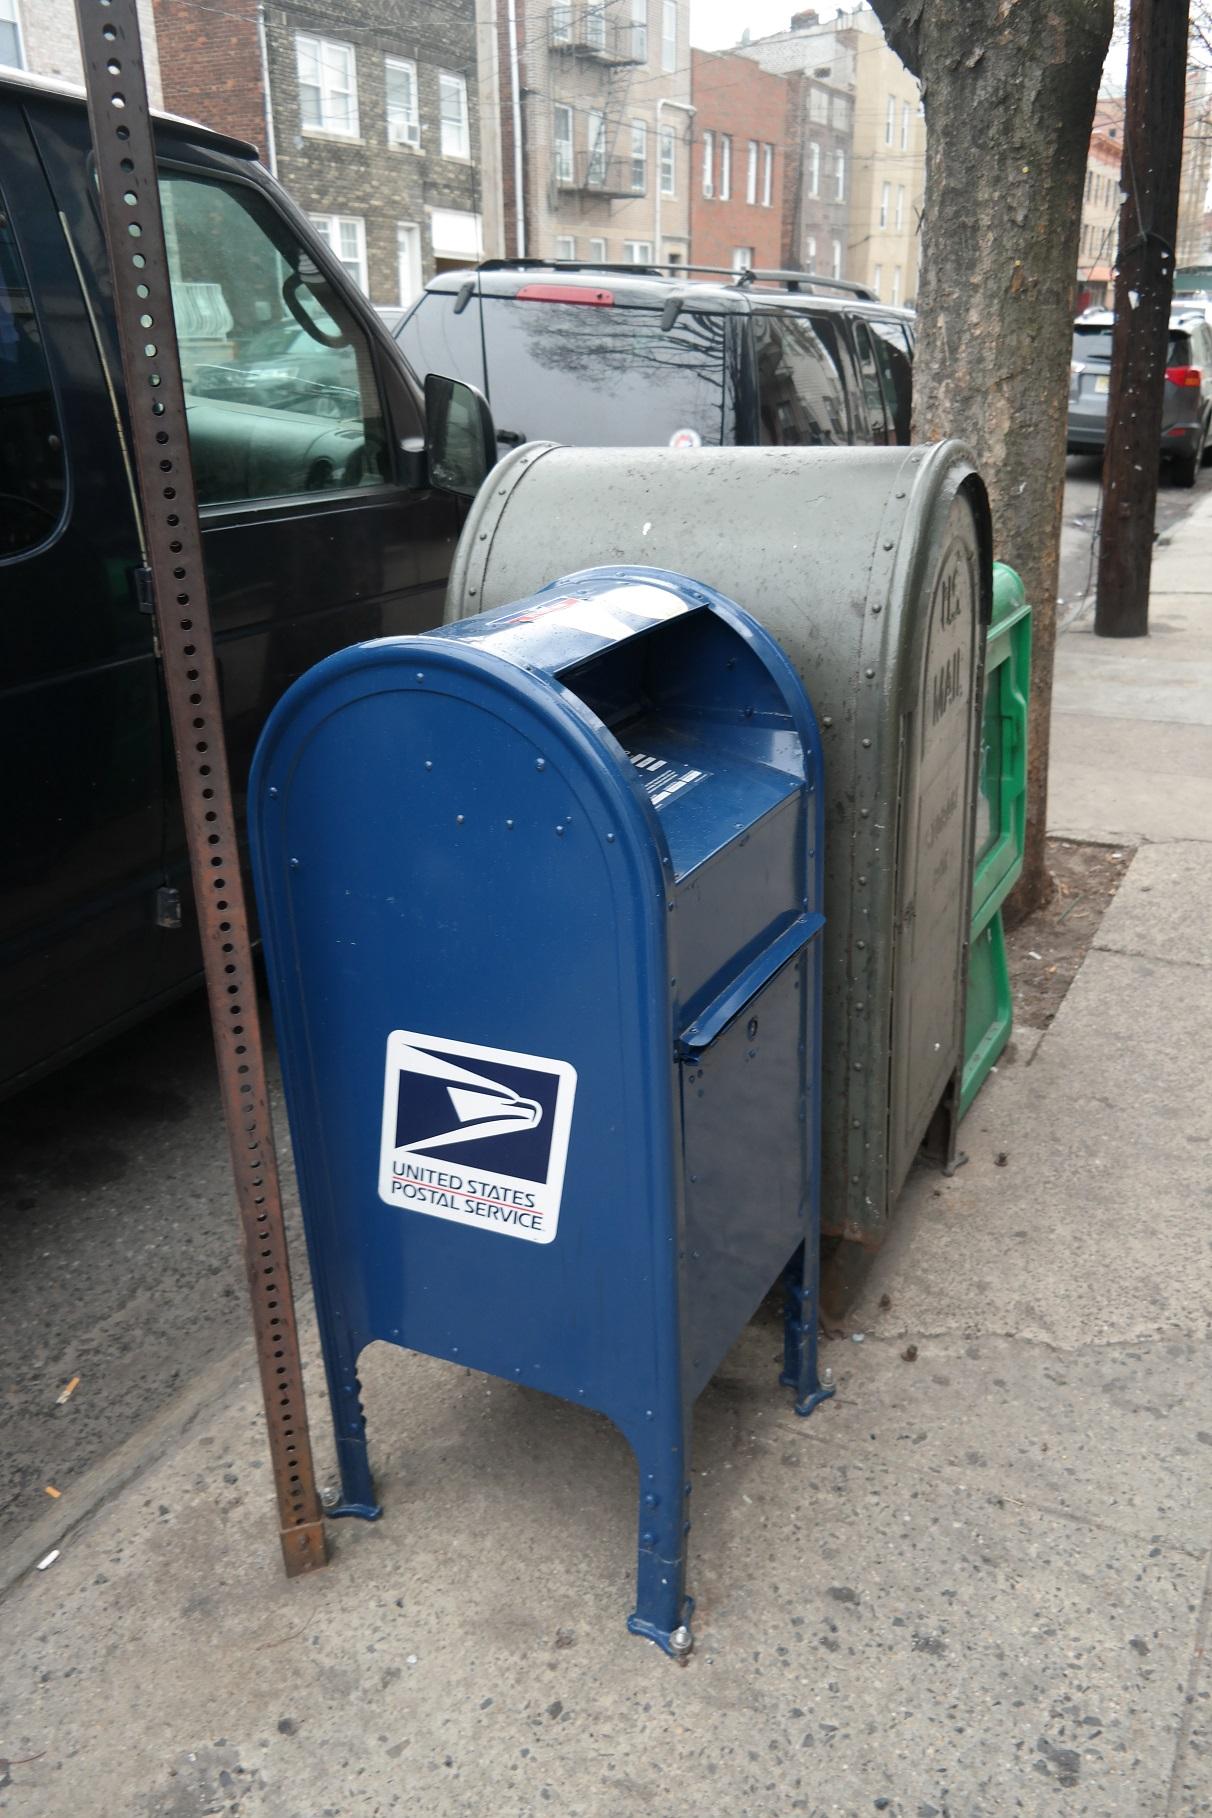 Foto2 Caixa Postal Correios alertam para o perigo no uso de caixas de coletas